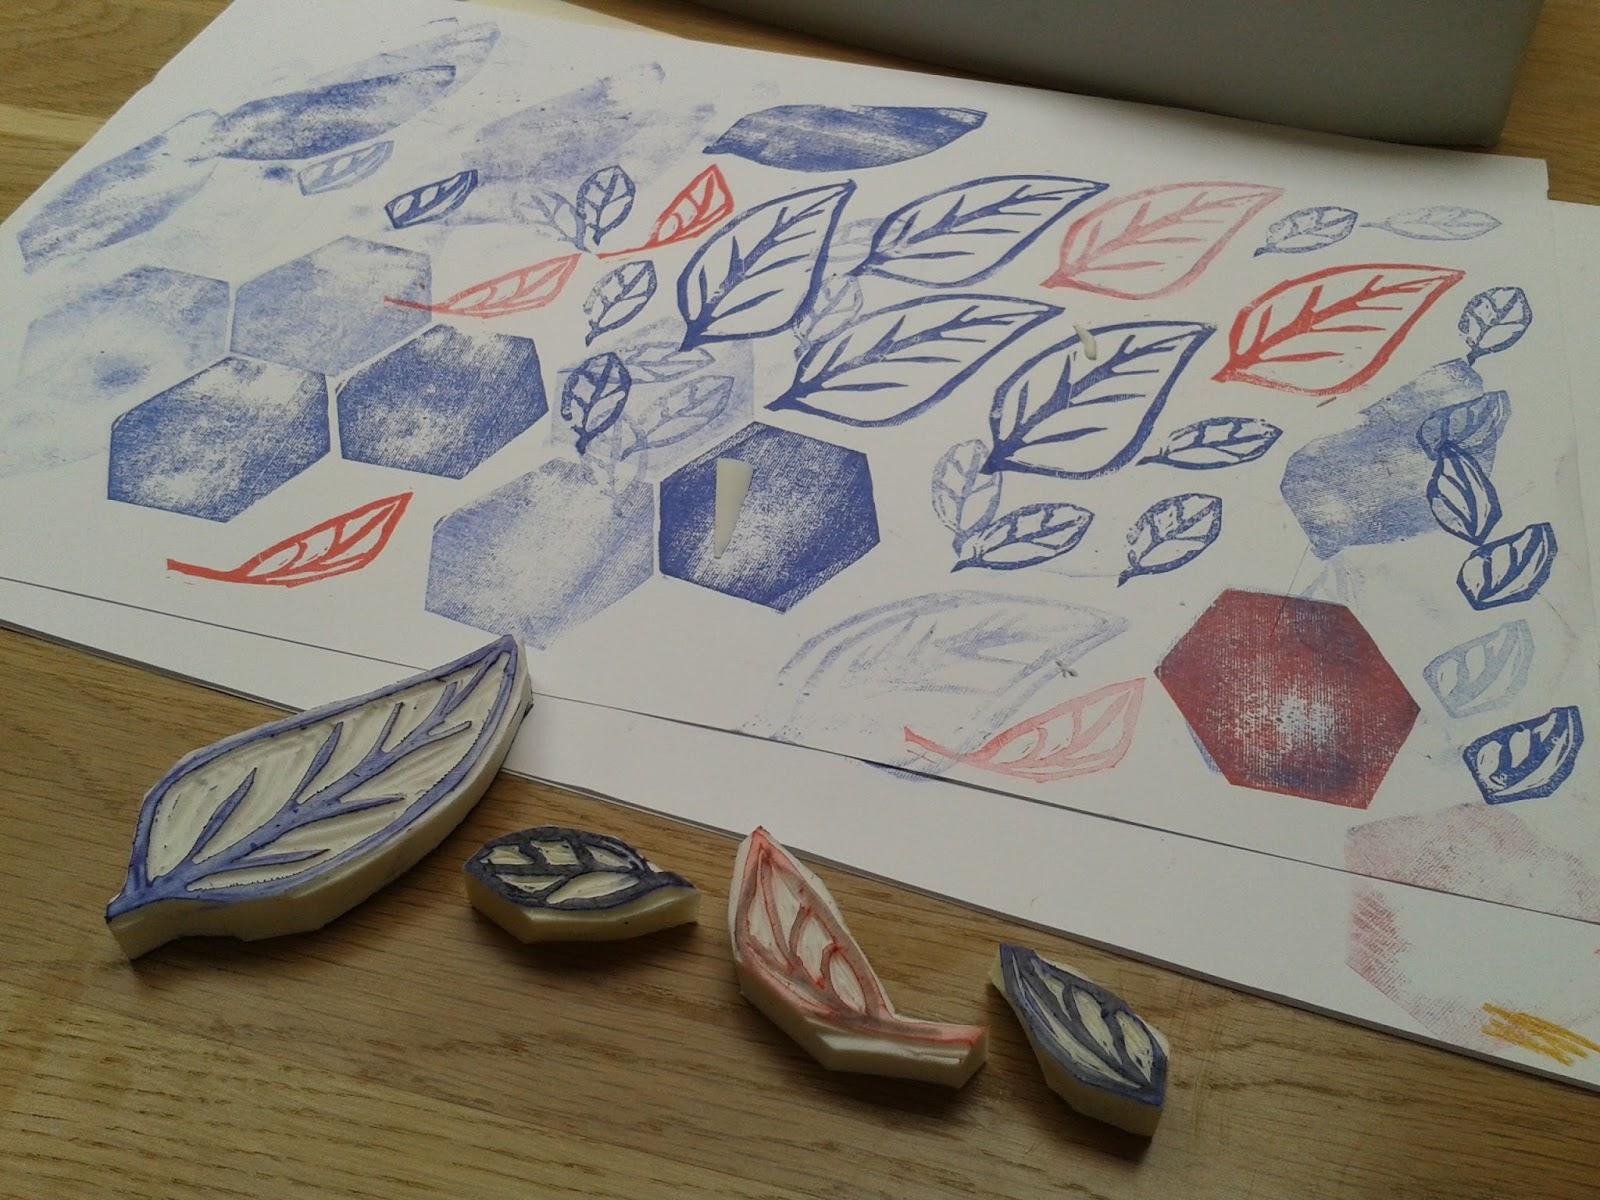 Verwonderend Welkom op Anja's blog: Zelf stempels maken van gum DO-46